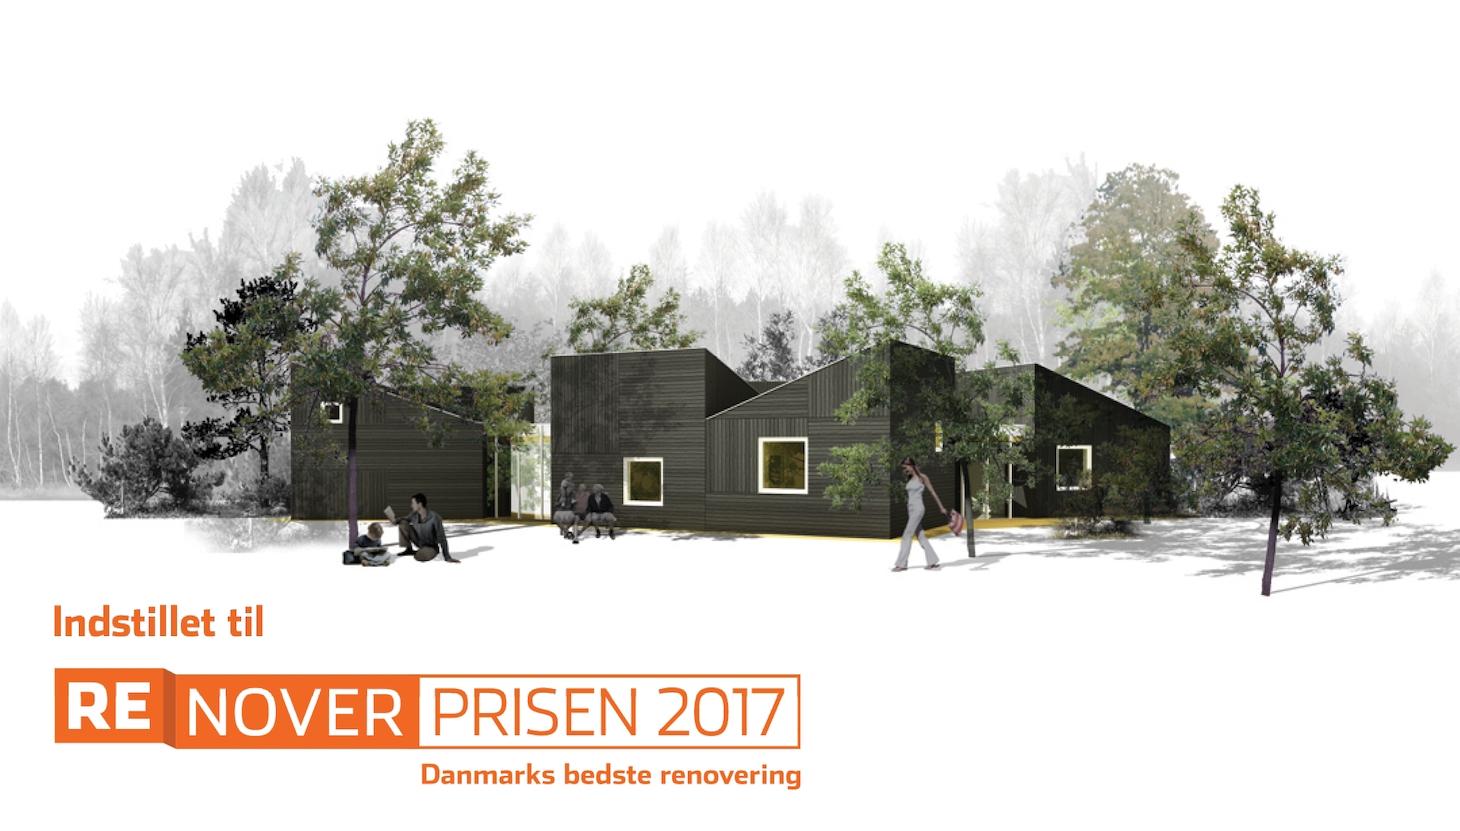 Indstilling til Renoverprisen 2017